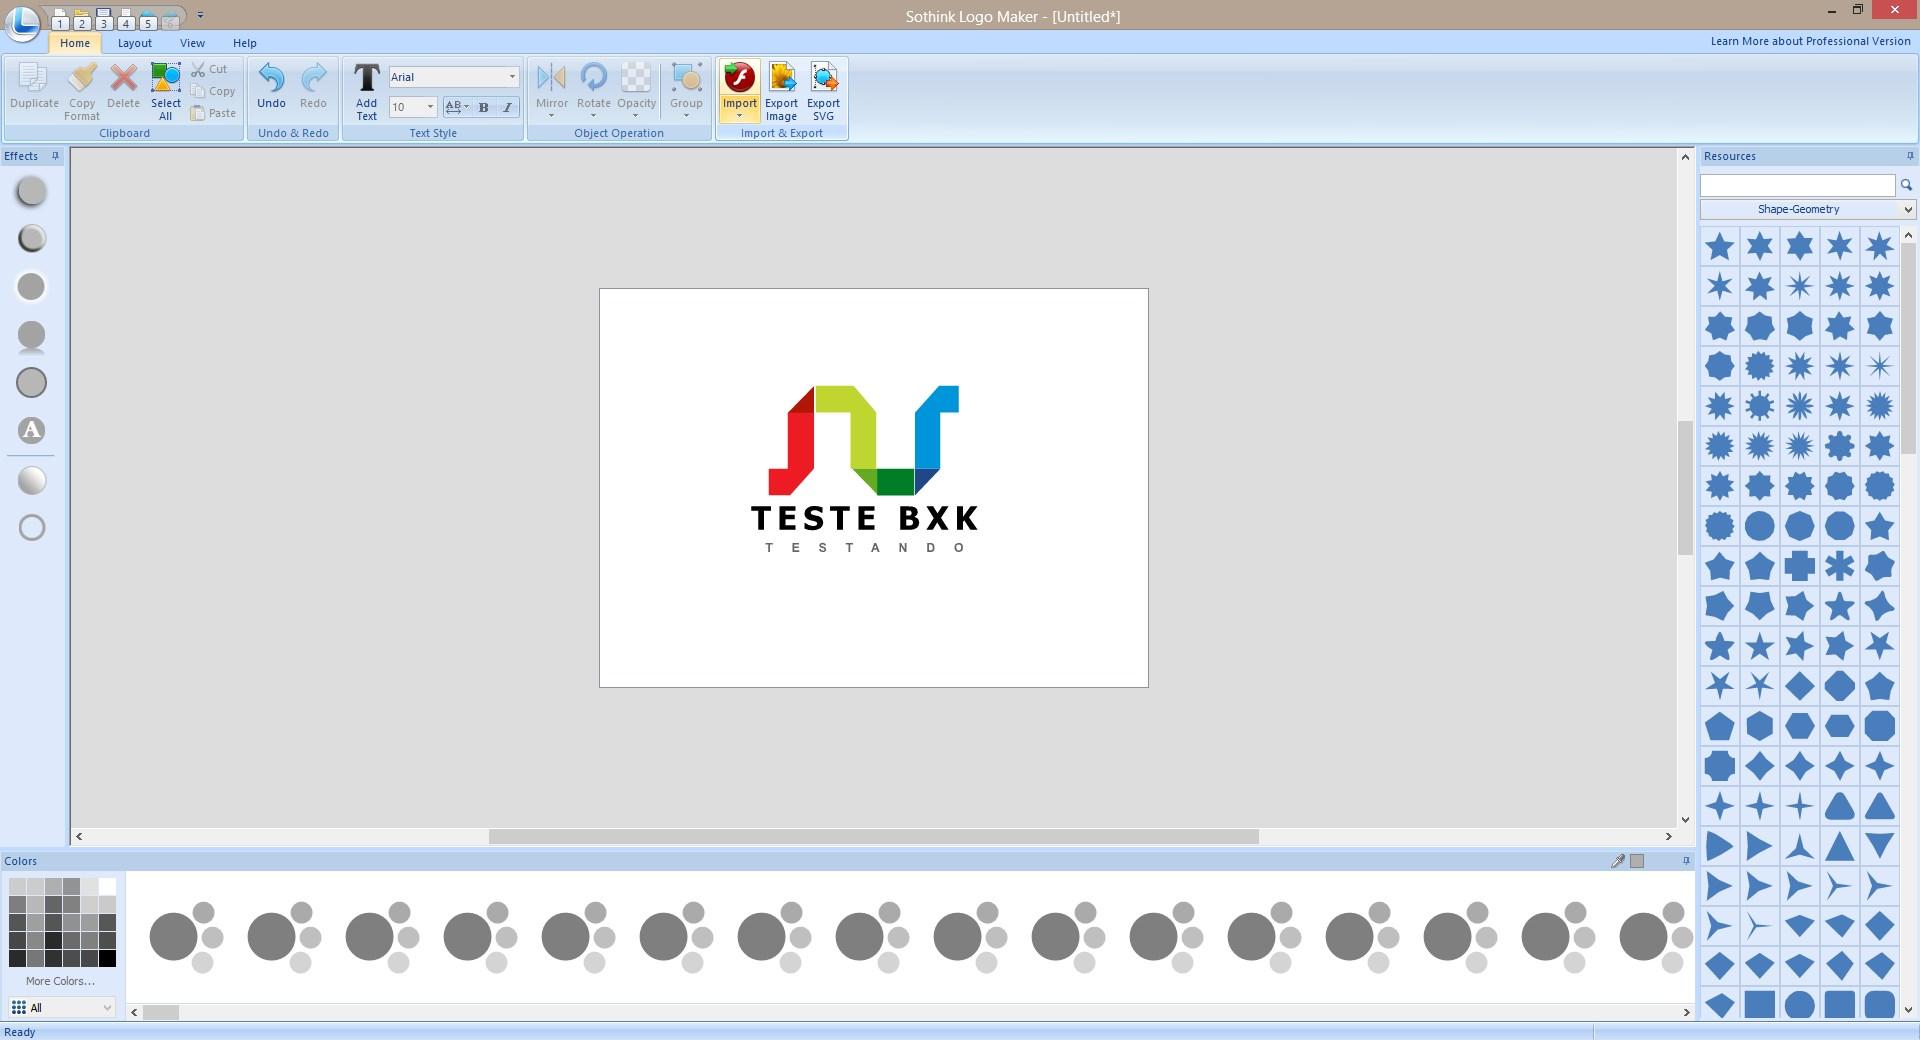 Sothink logo maker download sem estranhamento ccuart Choice Image